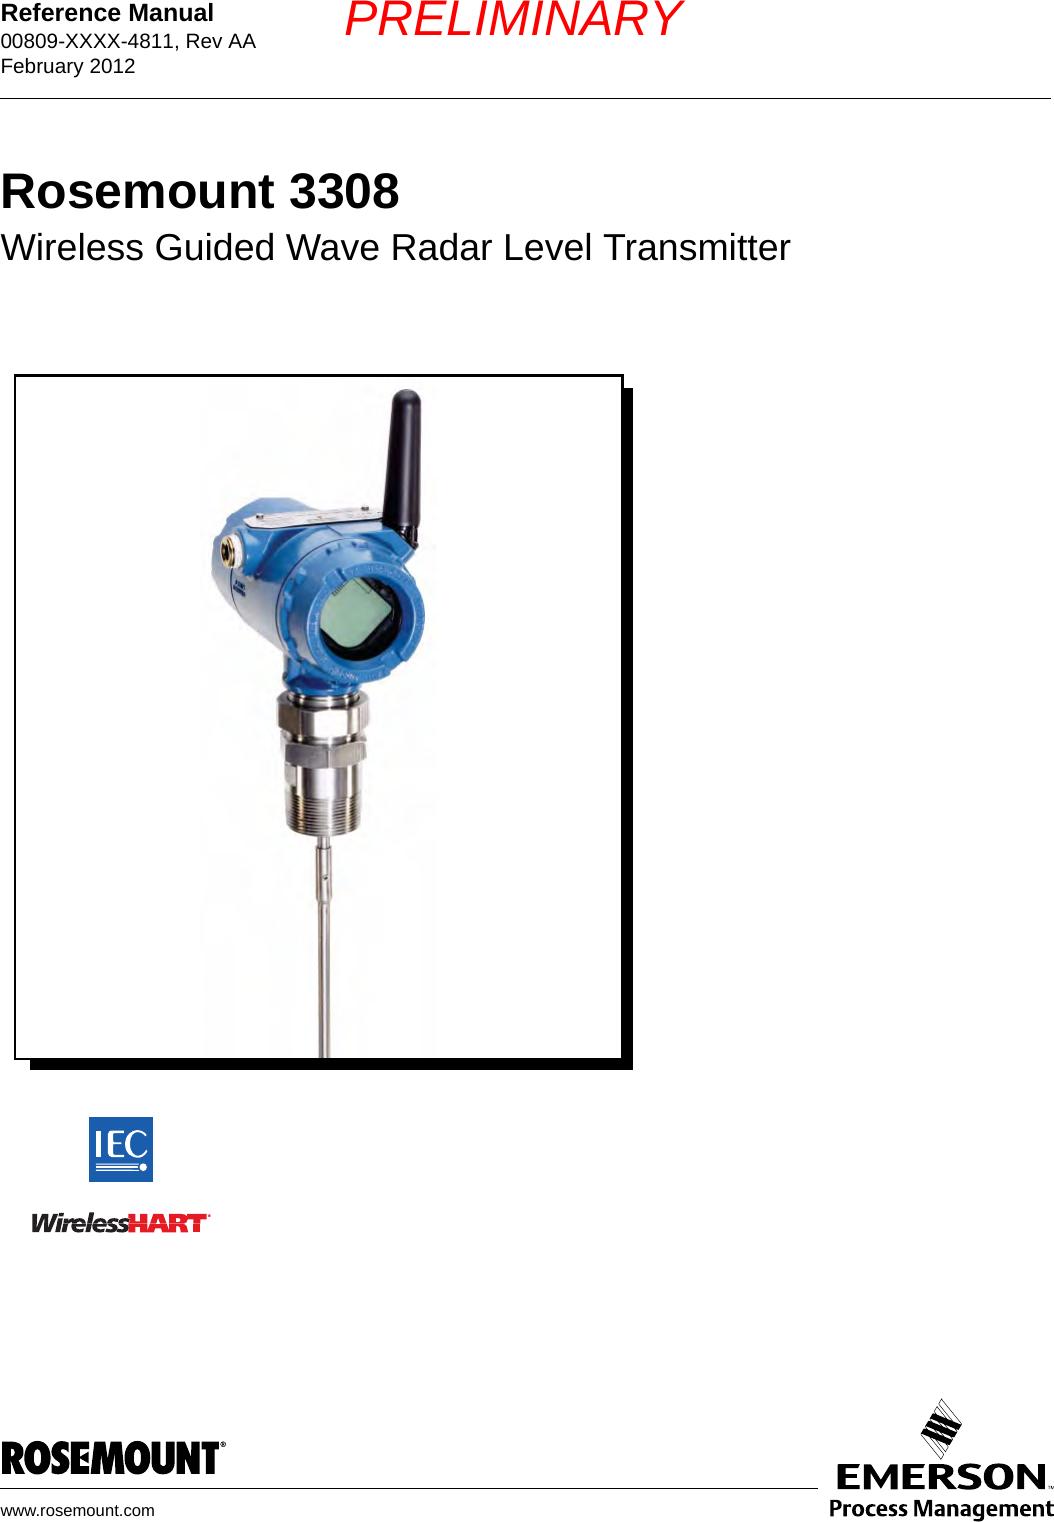 China Radar Level Transmitter Manual Guide